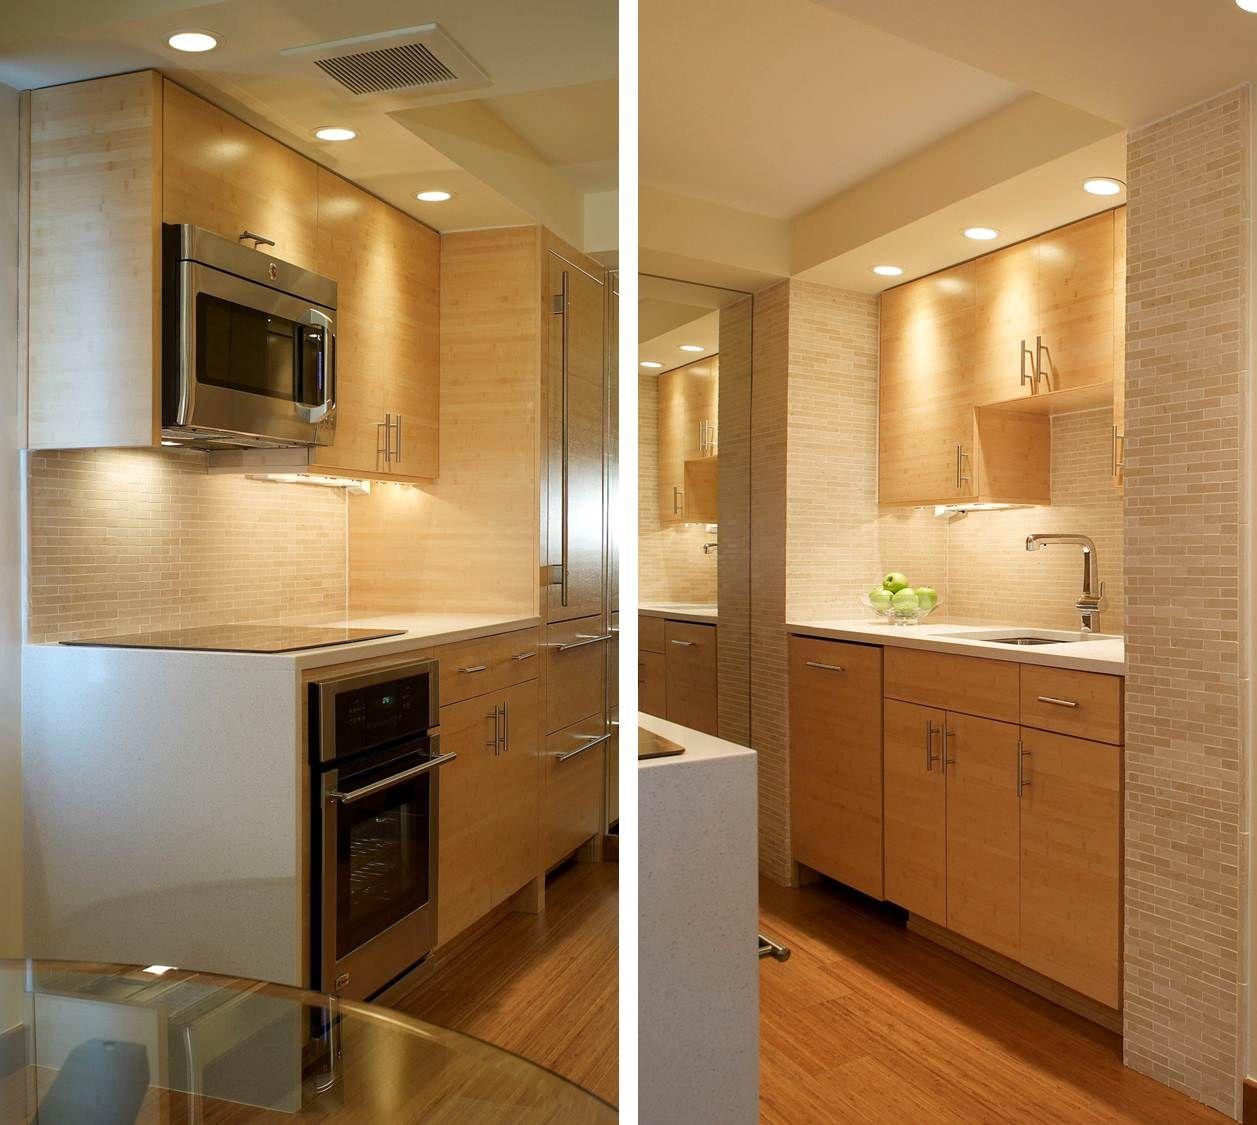 Die Besten Ideen Organisieren Sie Ihre Kleine Küche Design die Küche ...